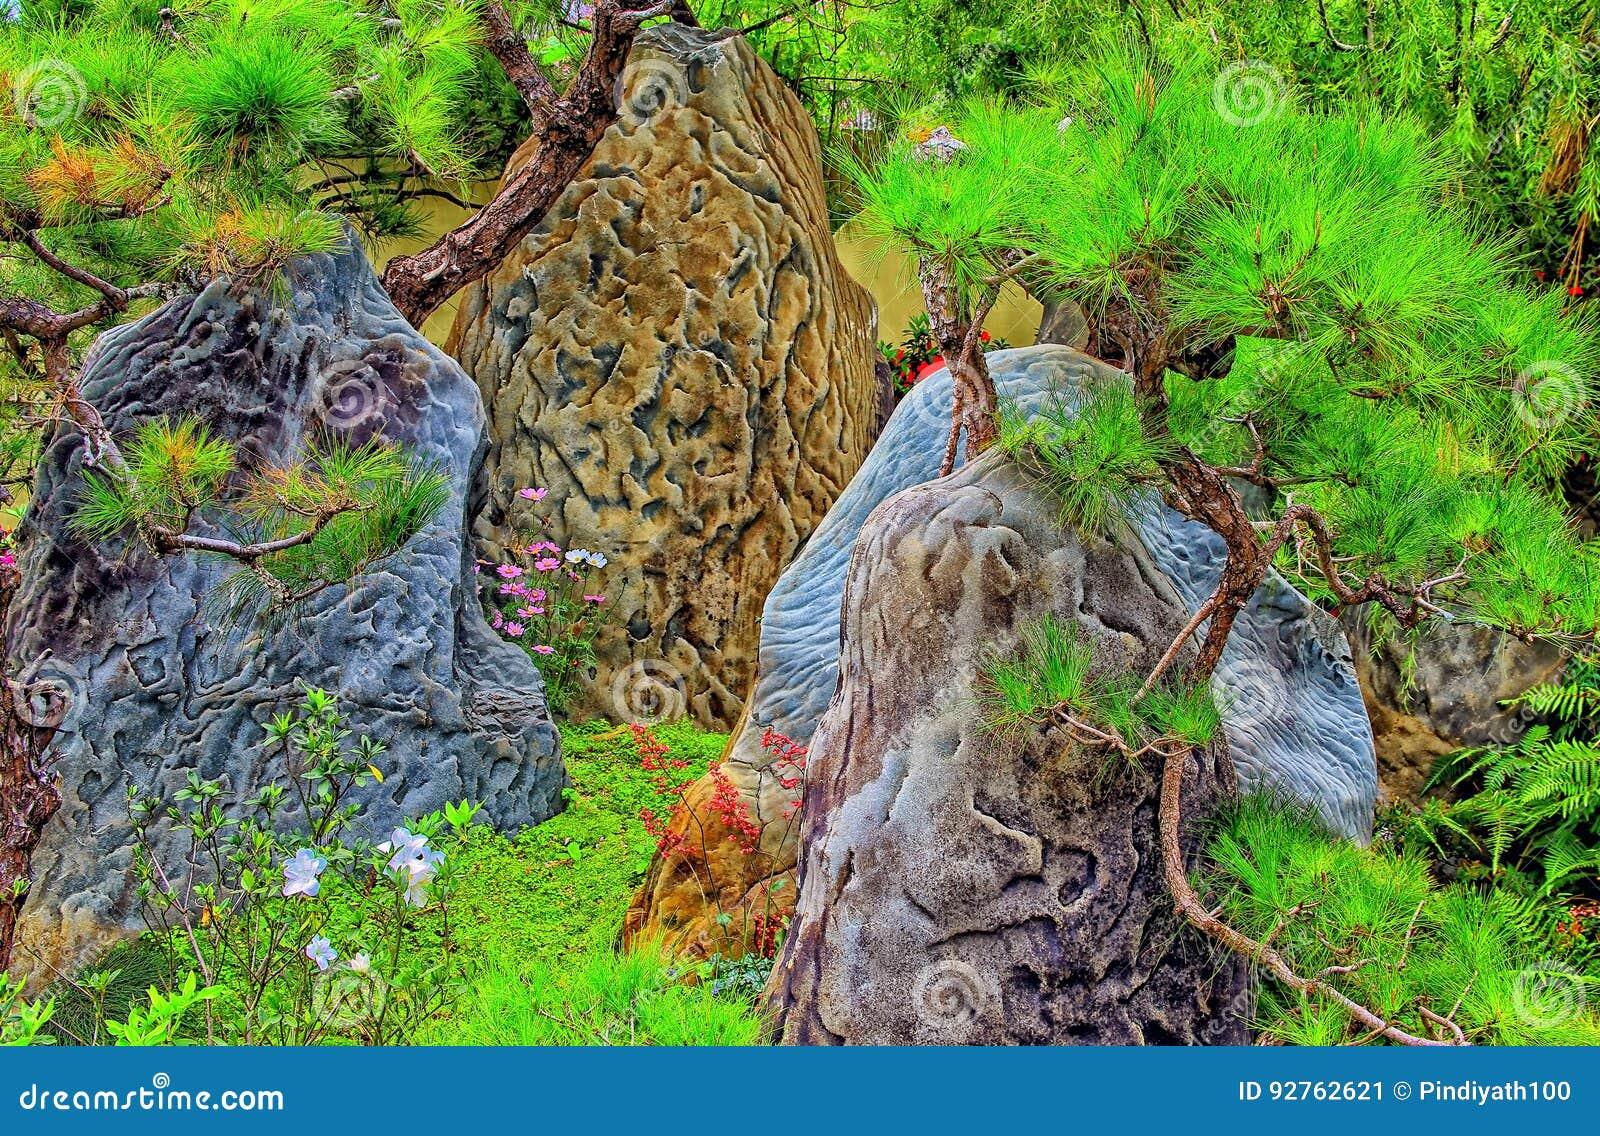 Jardin Mineral Zen Photo rocas chinas del jardín del zen imagen de archivo - imagen